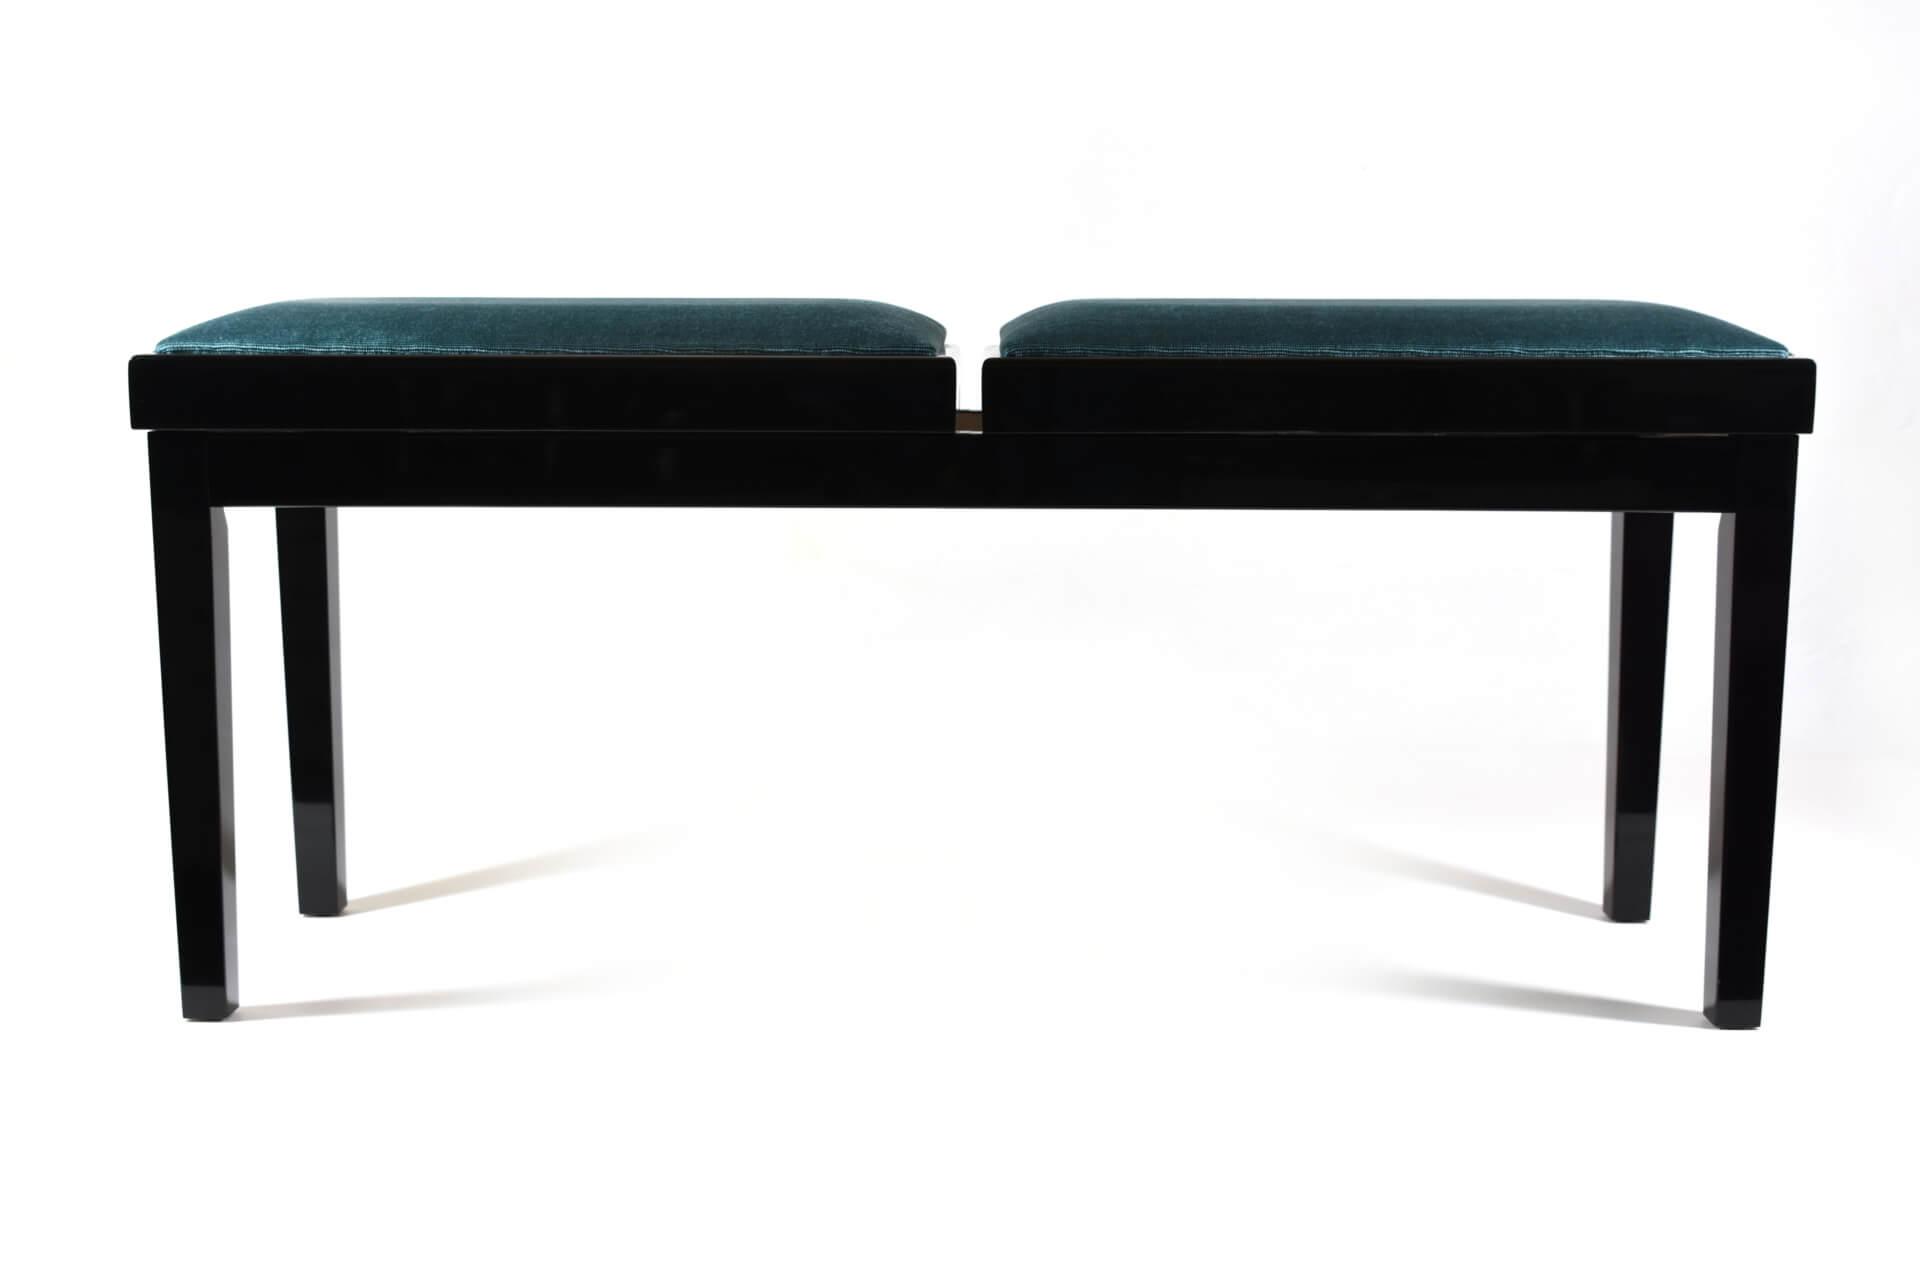 tabouret de piano double mascagni velours bleu clair. Black Bedroom Furniture Sets. Home Design Ideas